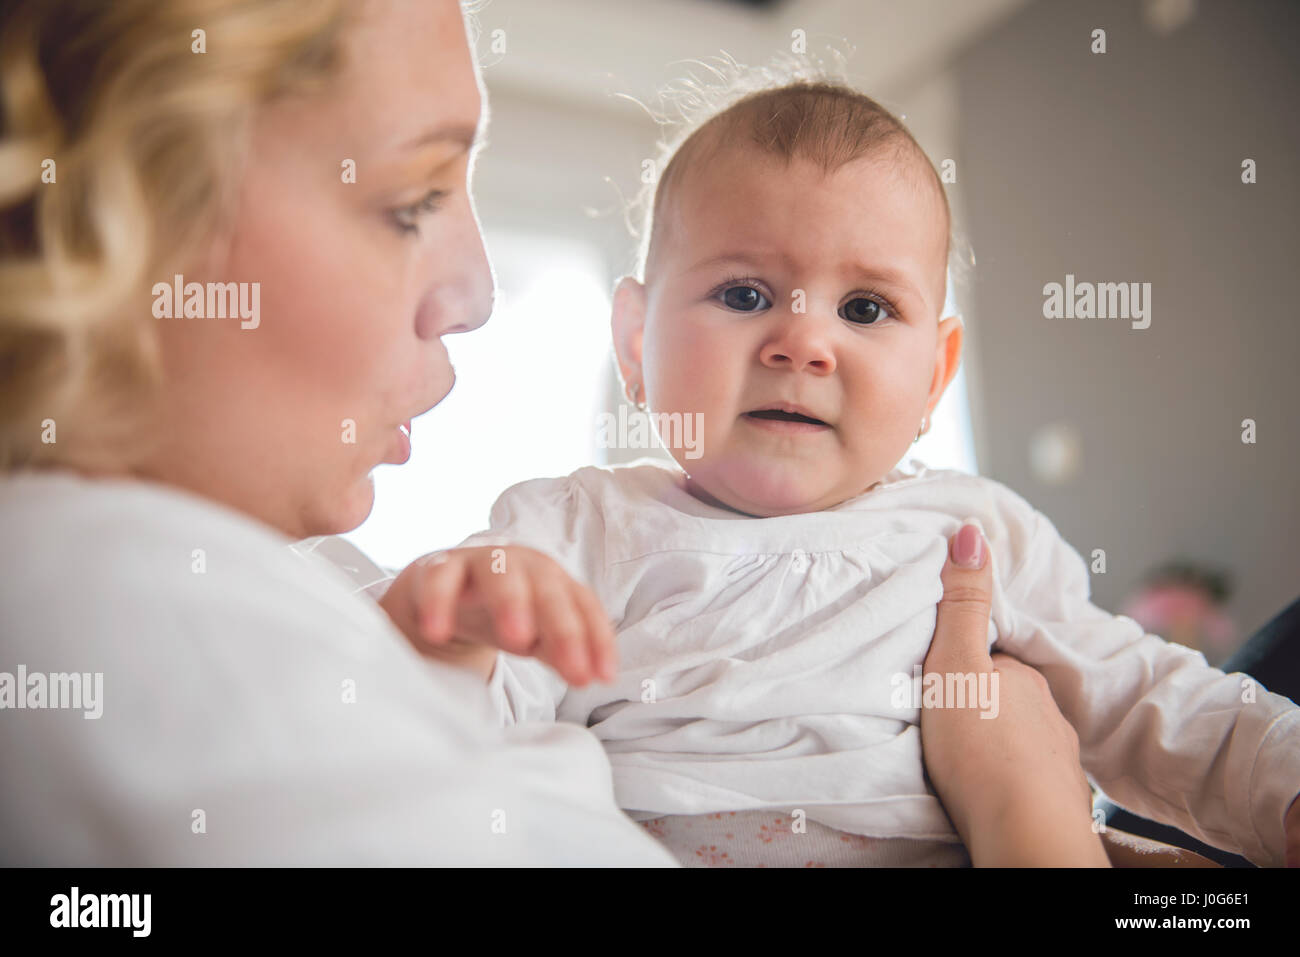 Mère tenant son bébé qui pleure Photo Stock